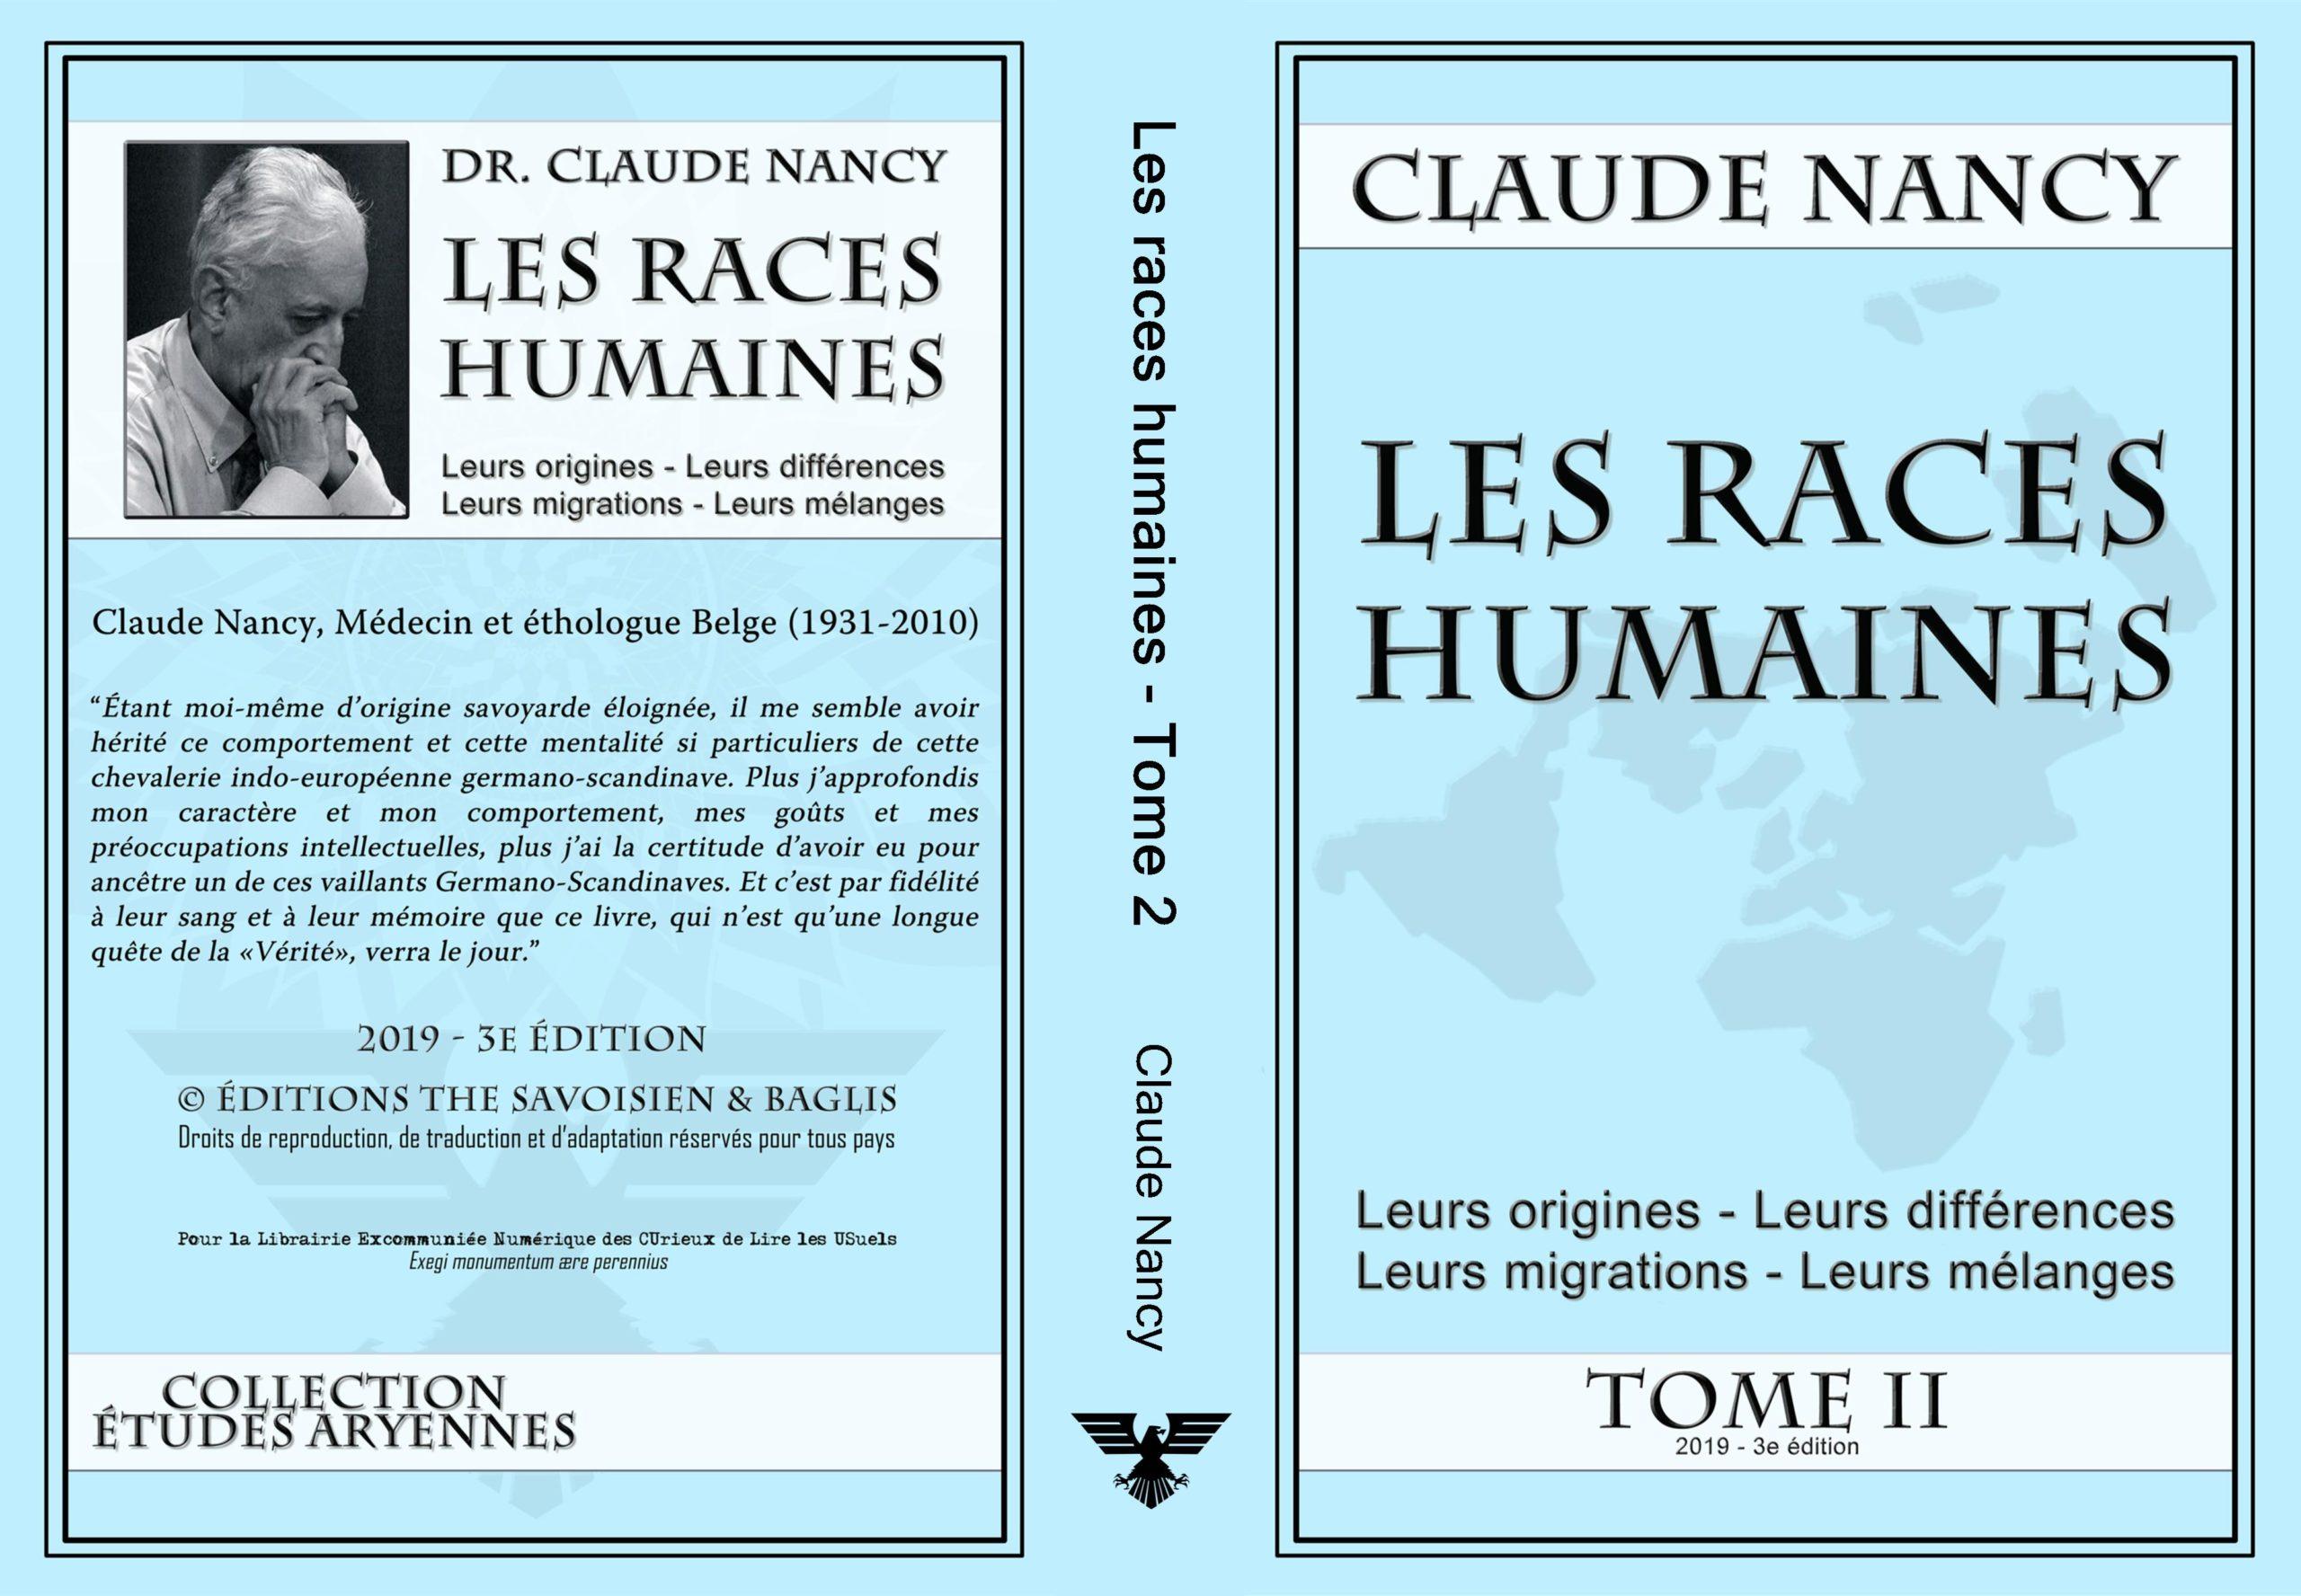 Les races humaines de Claude Nancy, déterminismes et réalisme